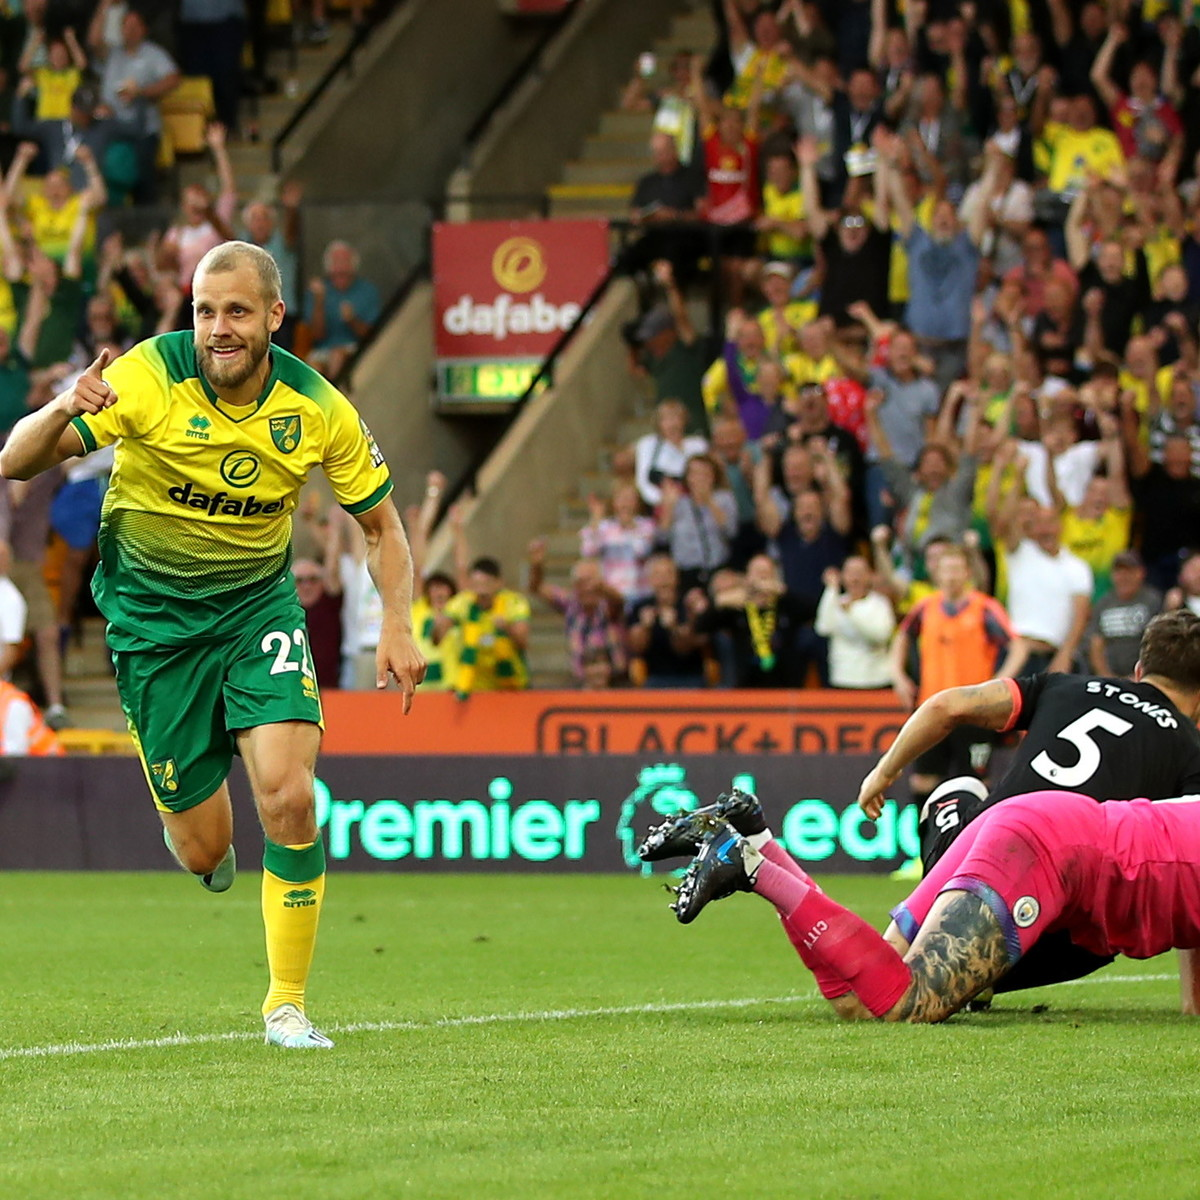 Premier League: vola il Liverpool, il City perde a Norwich e crolla a -5. Ok Chelsea, Tottenham e United